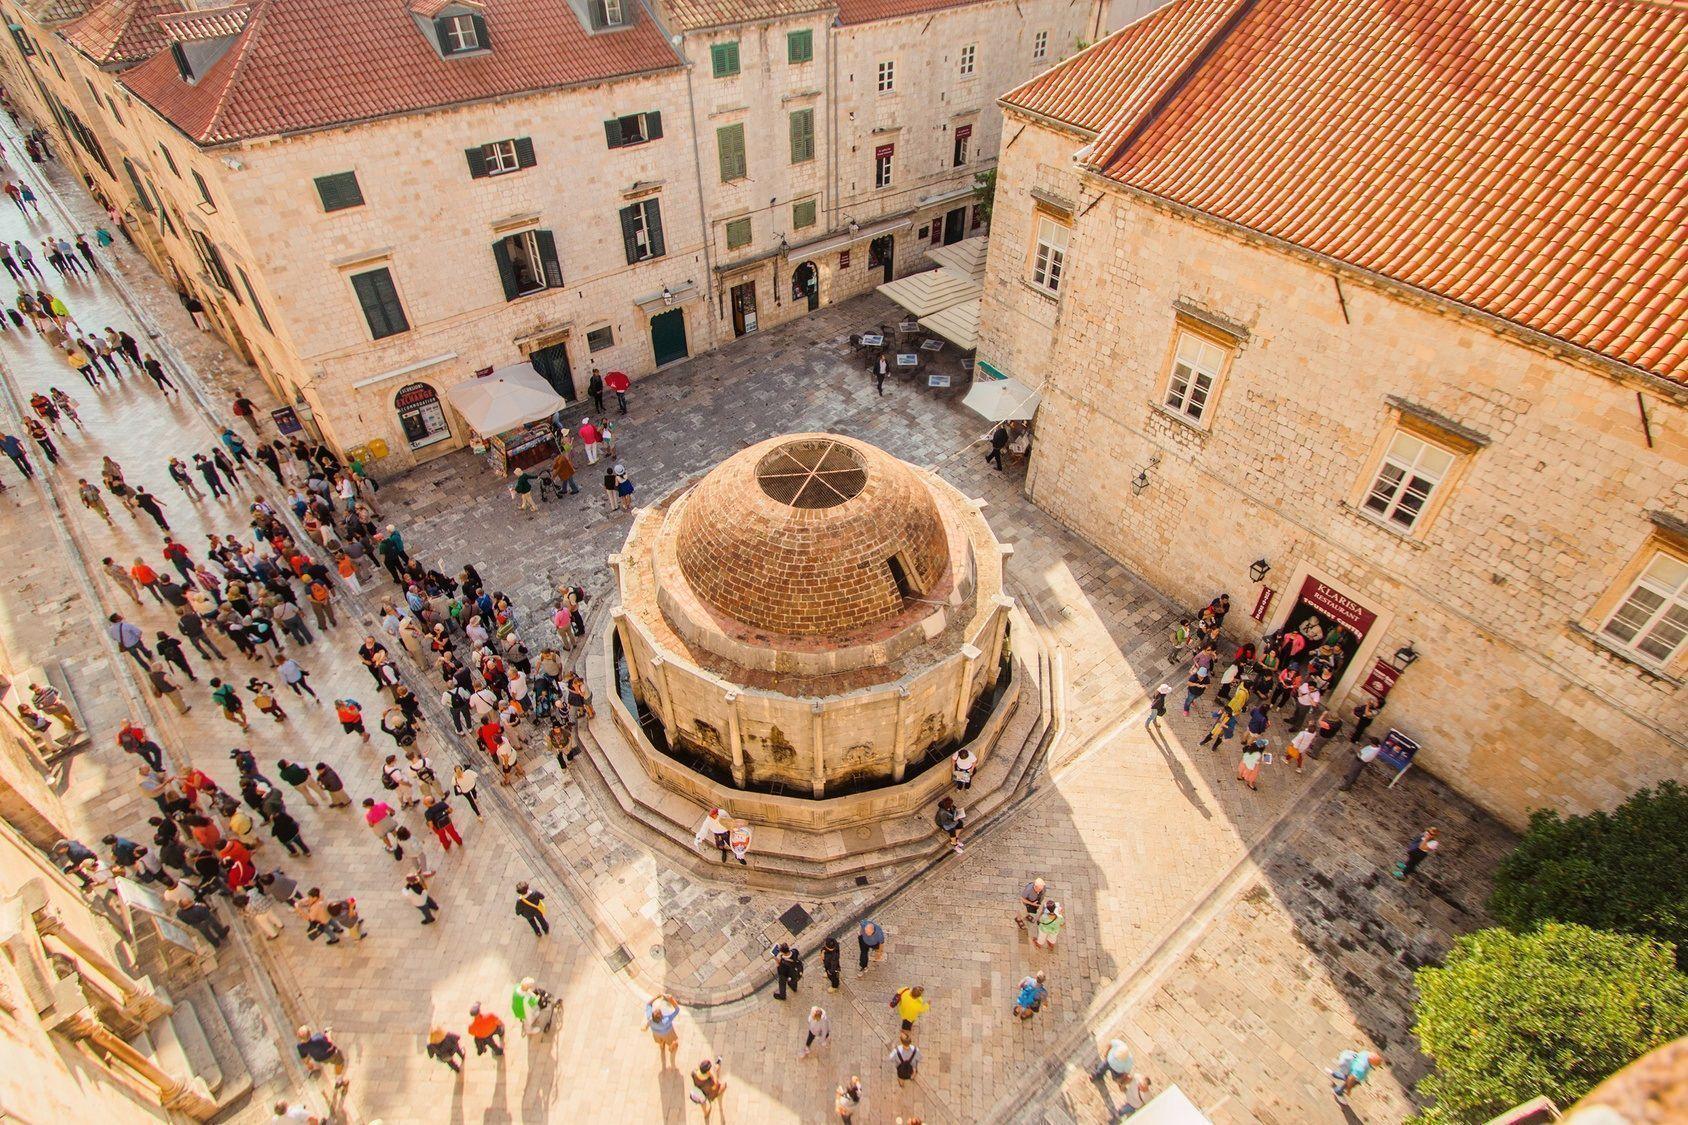 L Echo Touristique Venise Rembarre Les Paquebots Et Dubrovnik Impose Des Quotas L Hostilite Croissante A L Egard Du S Dubrovnik Dubrovnik Croatia Croatia